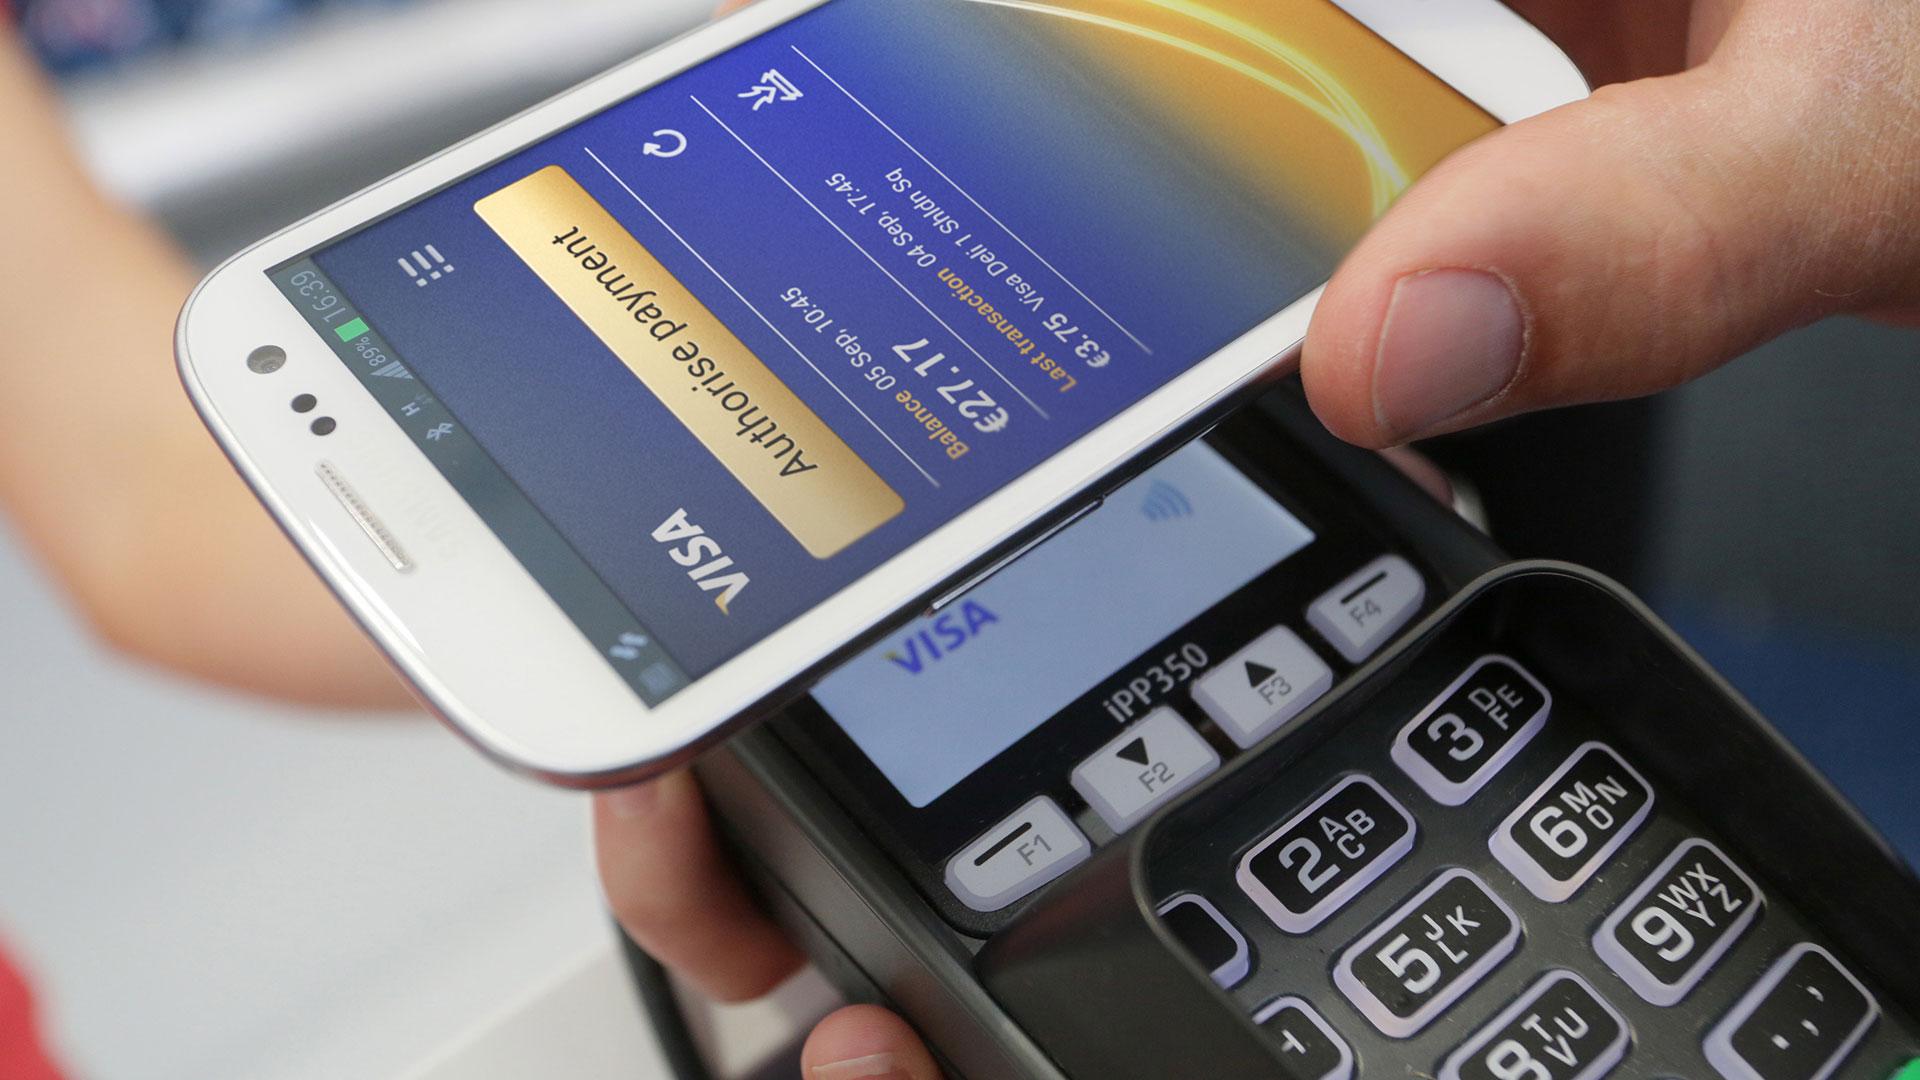 Ponsel pintar Android Anda sebagai pembaca ID elektronik 1